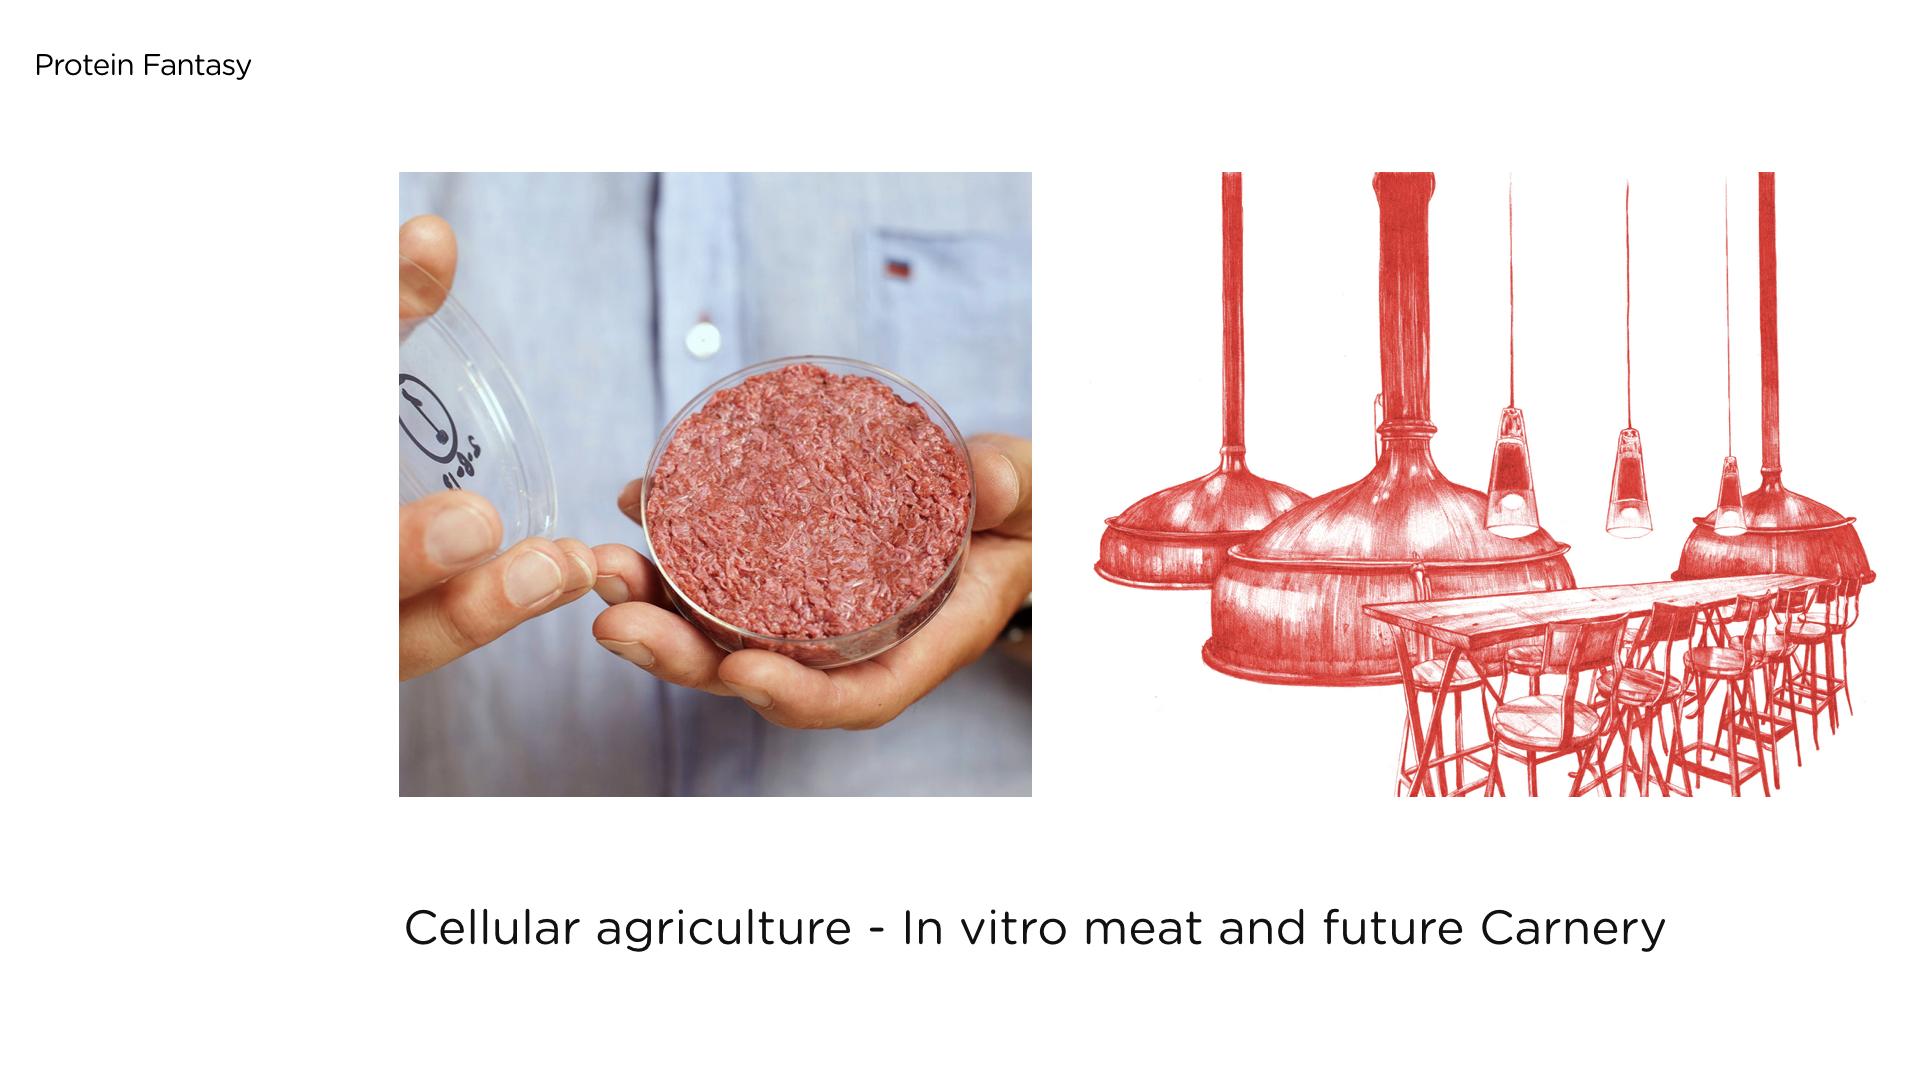 food futures slide 0507 v2.022.jpeg